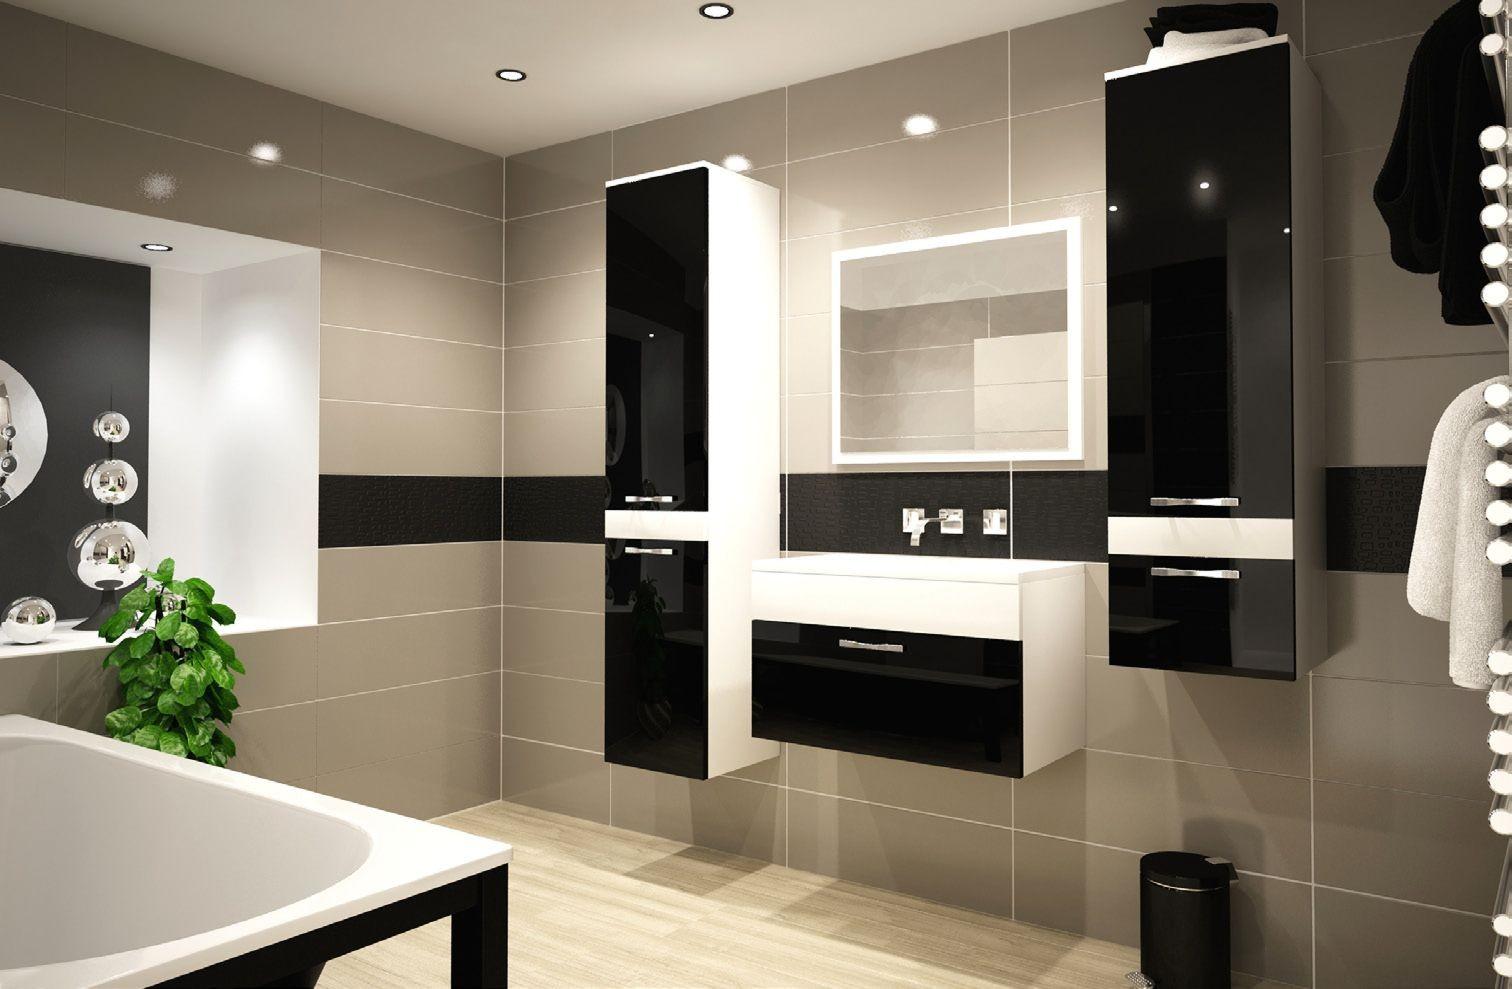 badmobel schwarz, badmöbel komplett 6 teilig hochglanz schwarz 55004, Design ideen